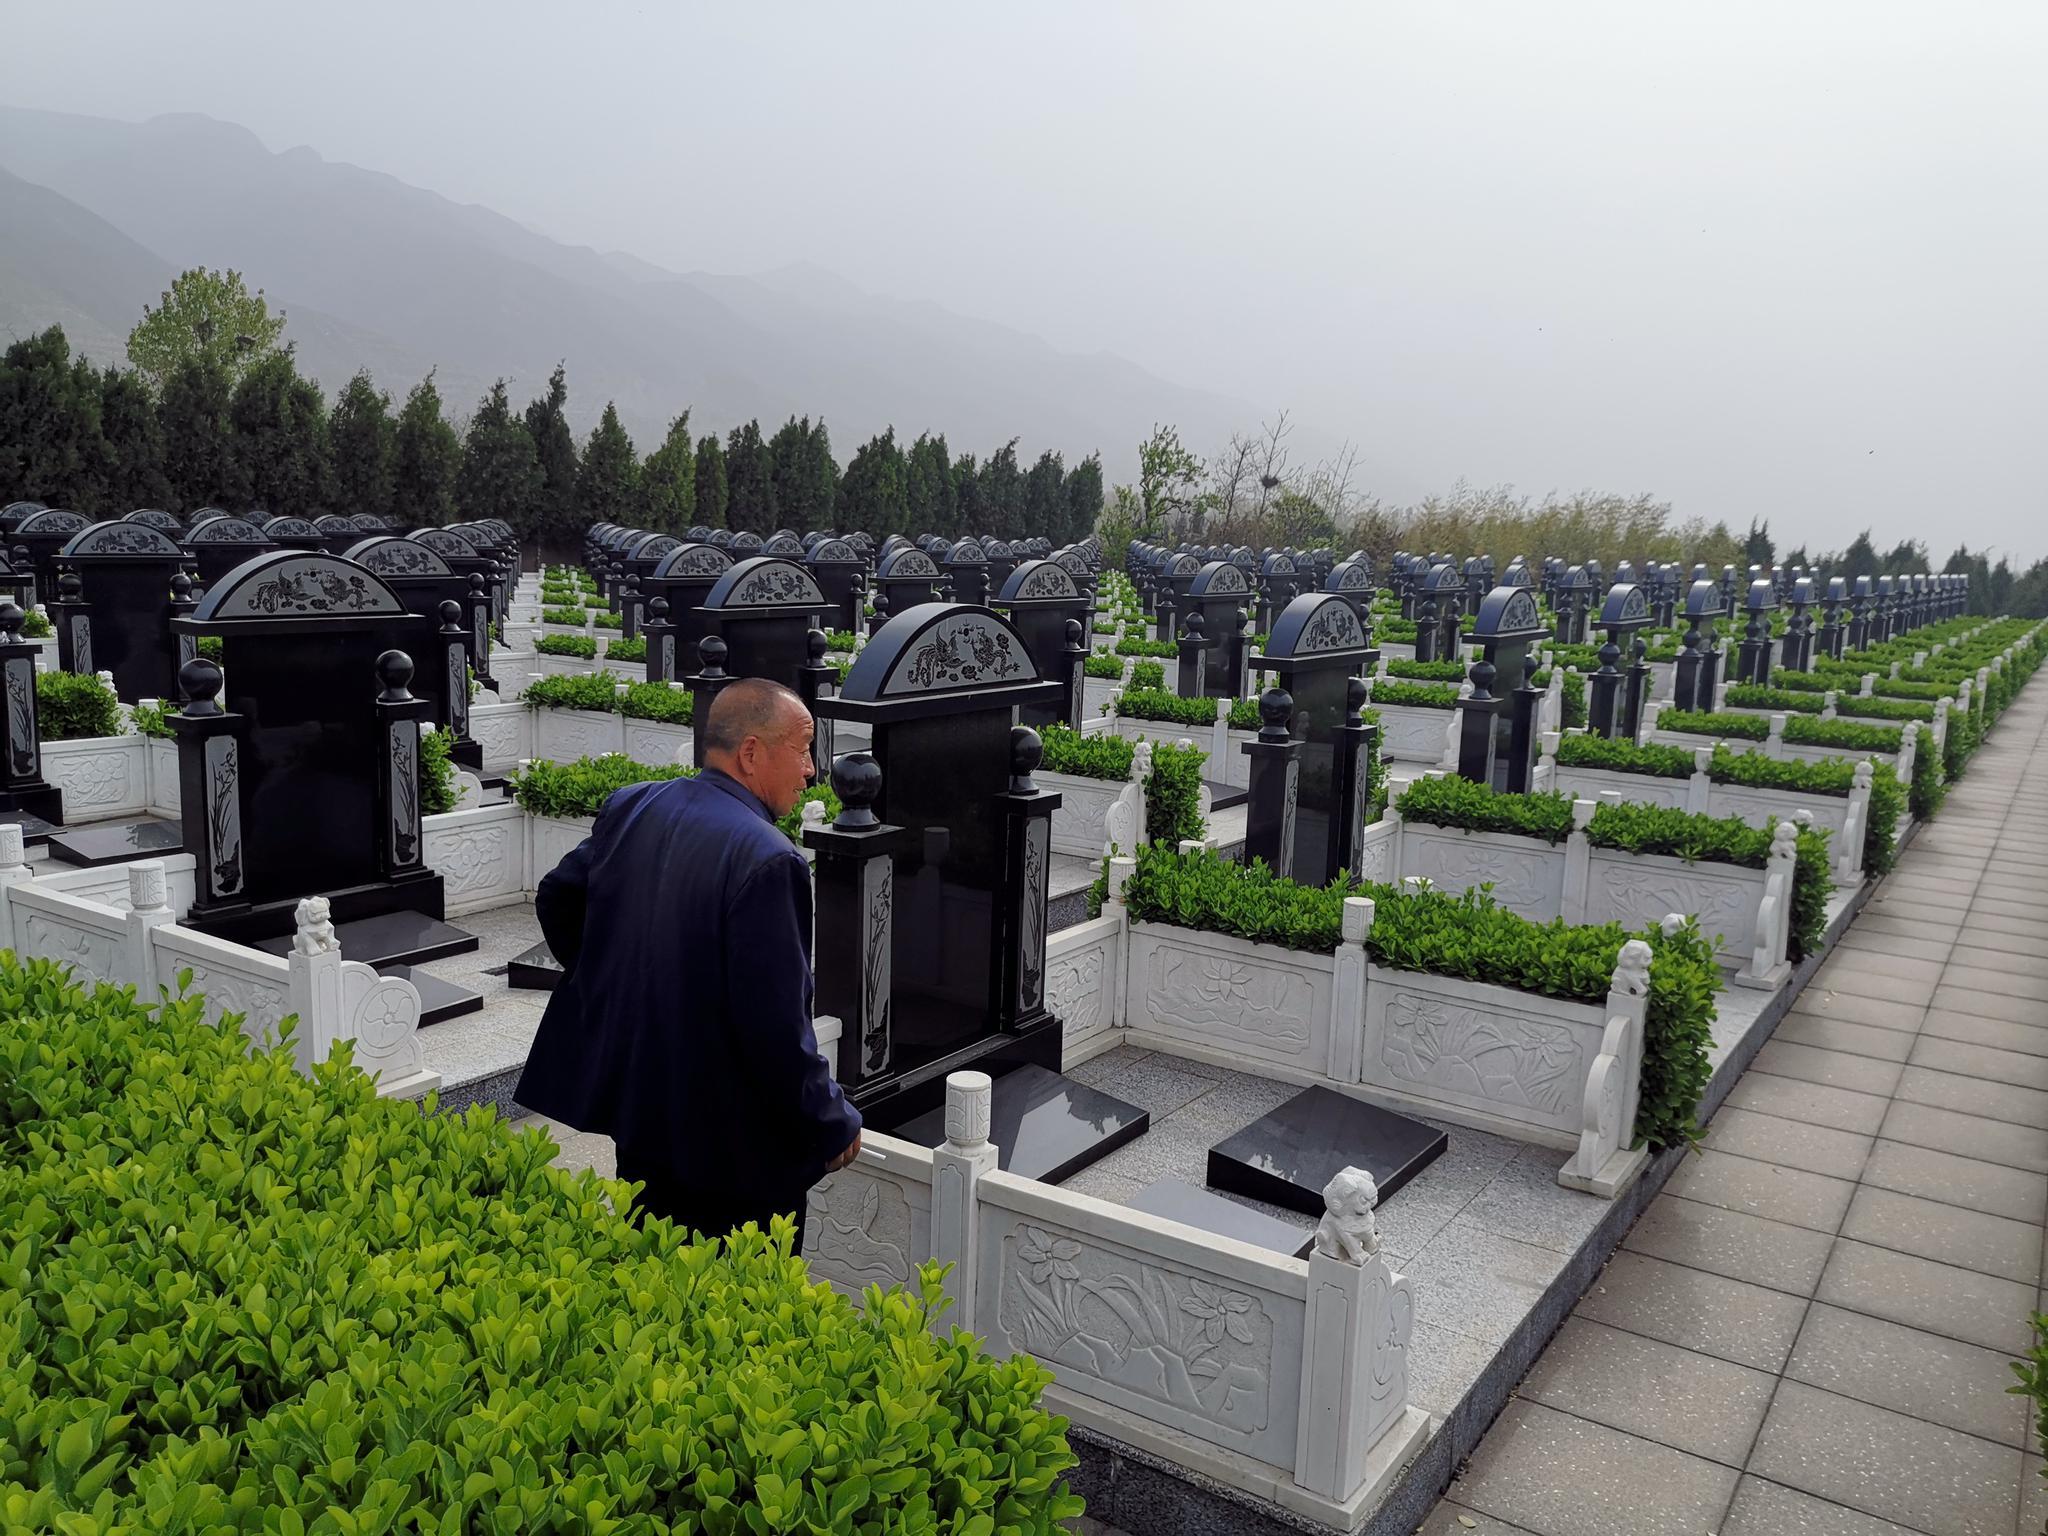 未取得公墓经营许可证的运城市天秀陵园,已售出上万处墓位。新京报记者程亚龙摄